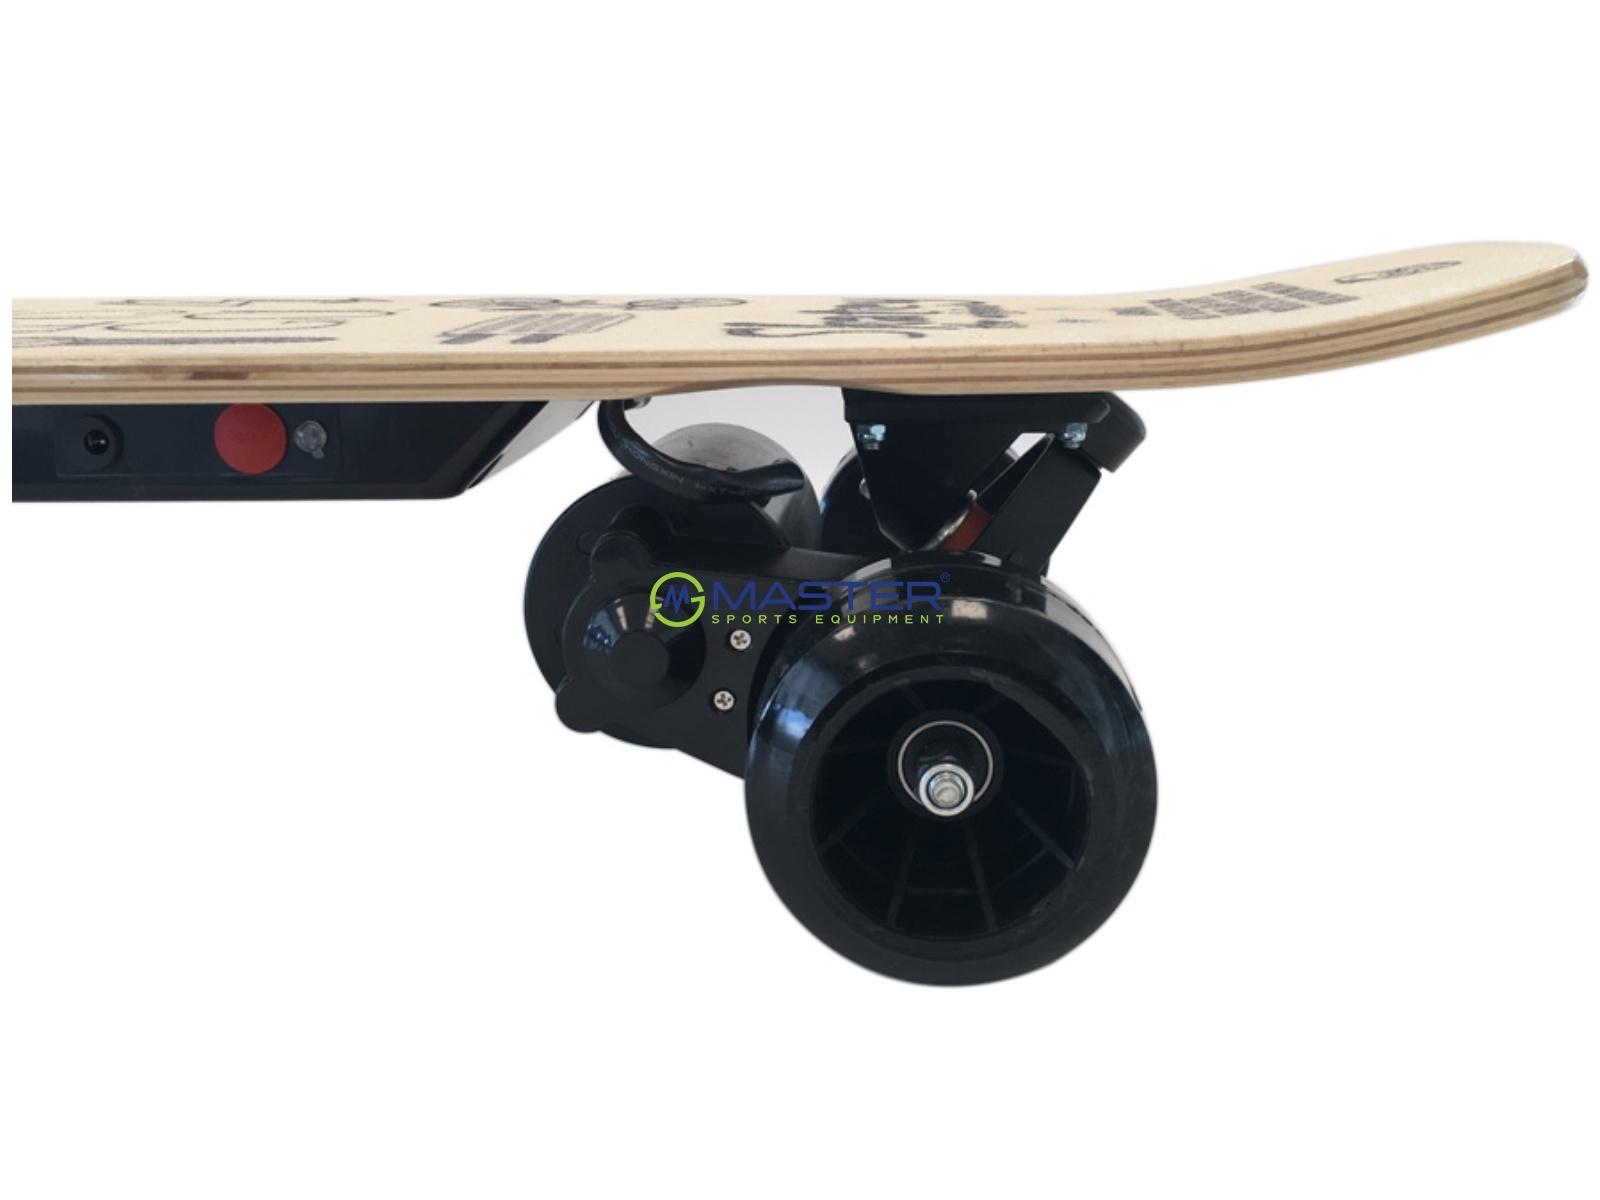 Elektrický longboard SKATEY 350L wood art. celá galéria 15be1f6426